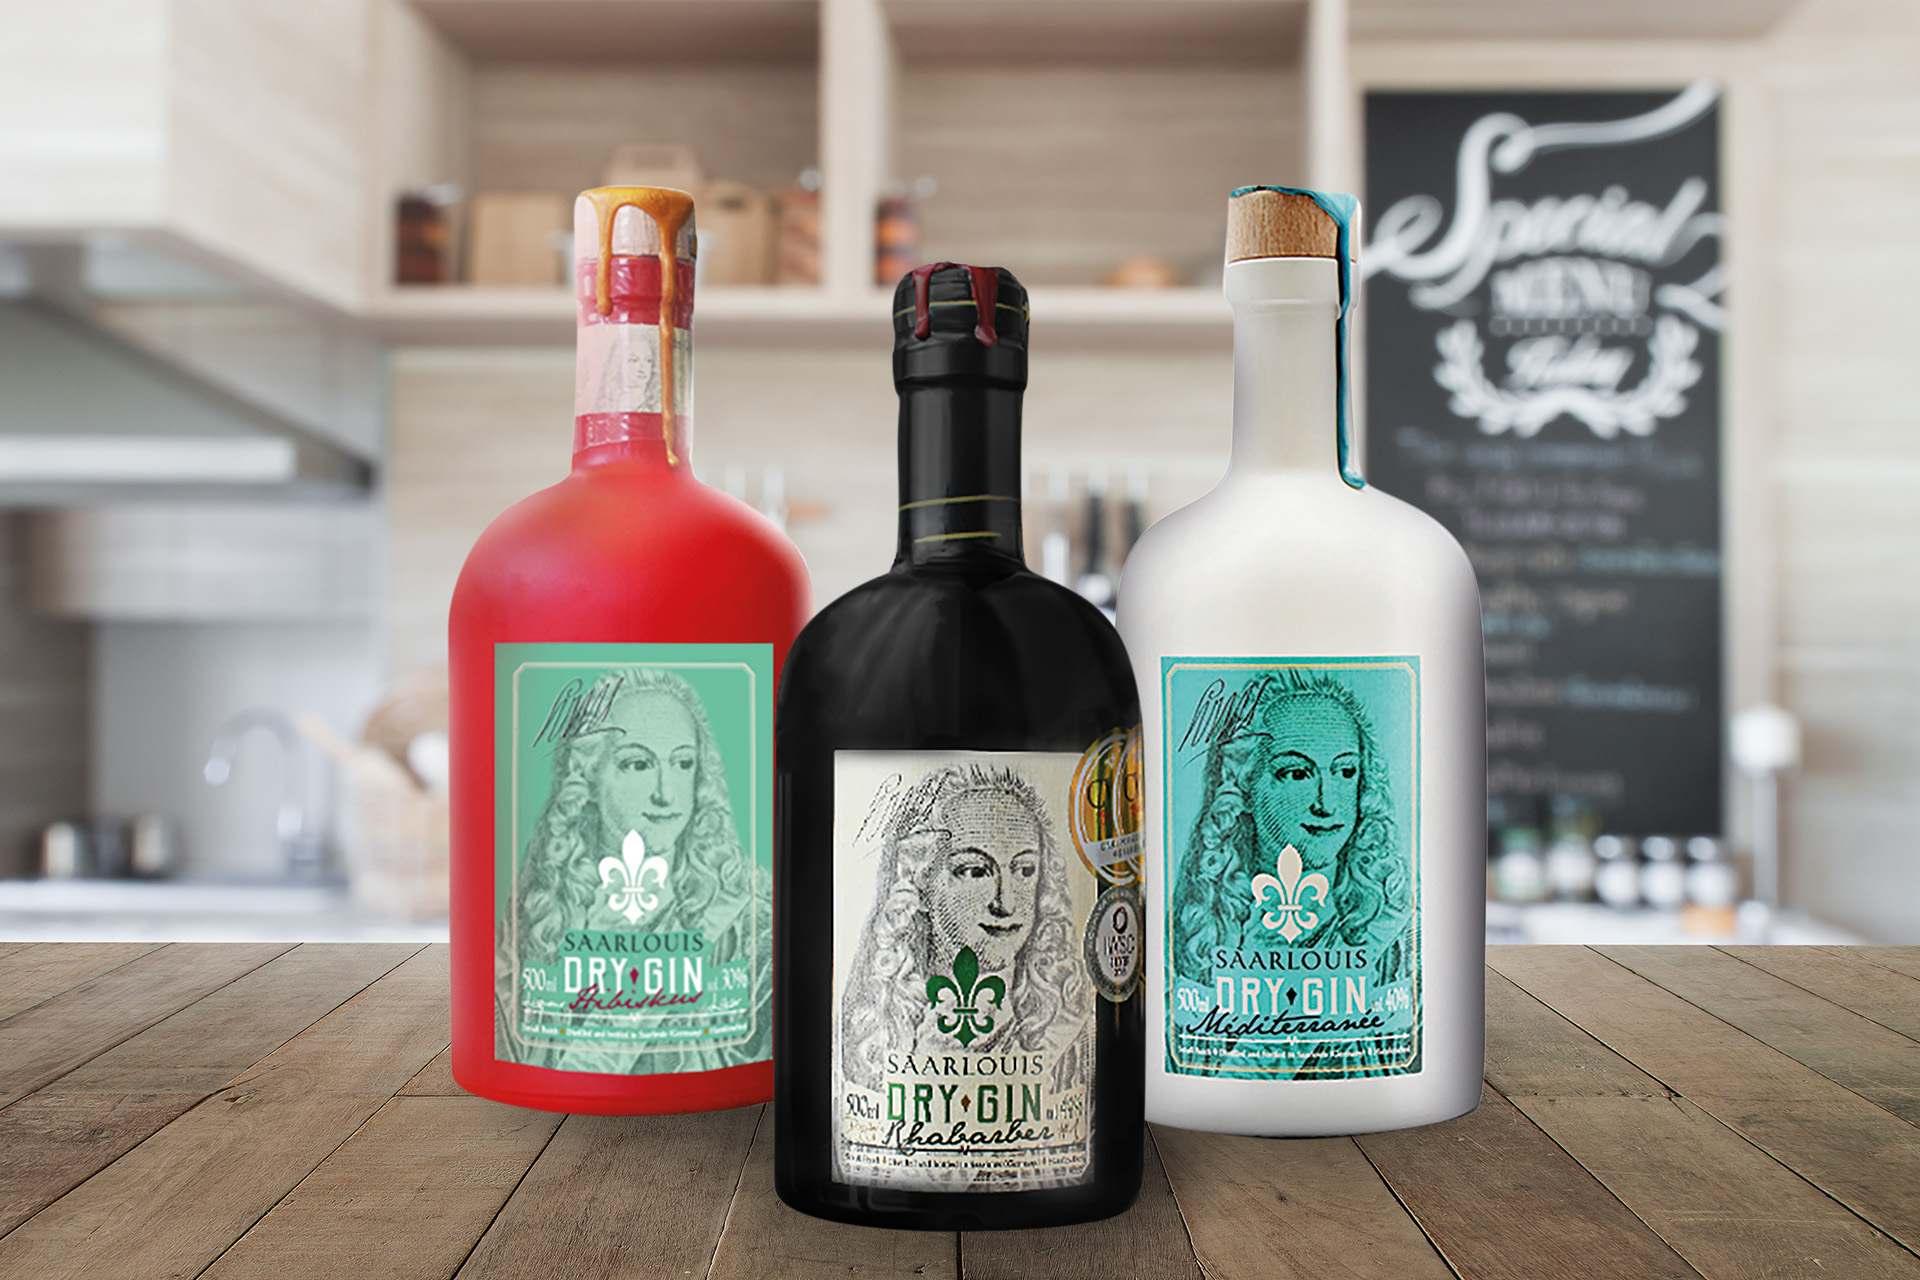 Gin Louis Hibiskus Likör, Saarlouis Dry Gin, Méditerranée